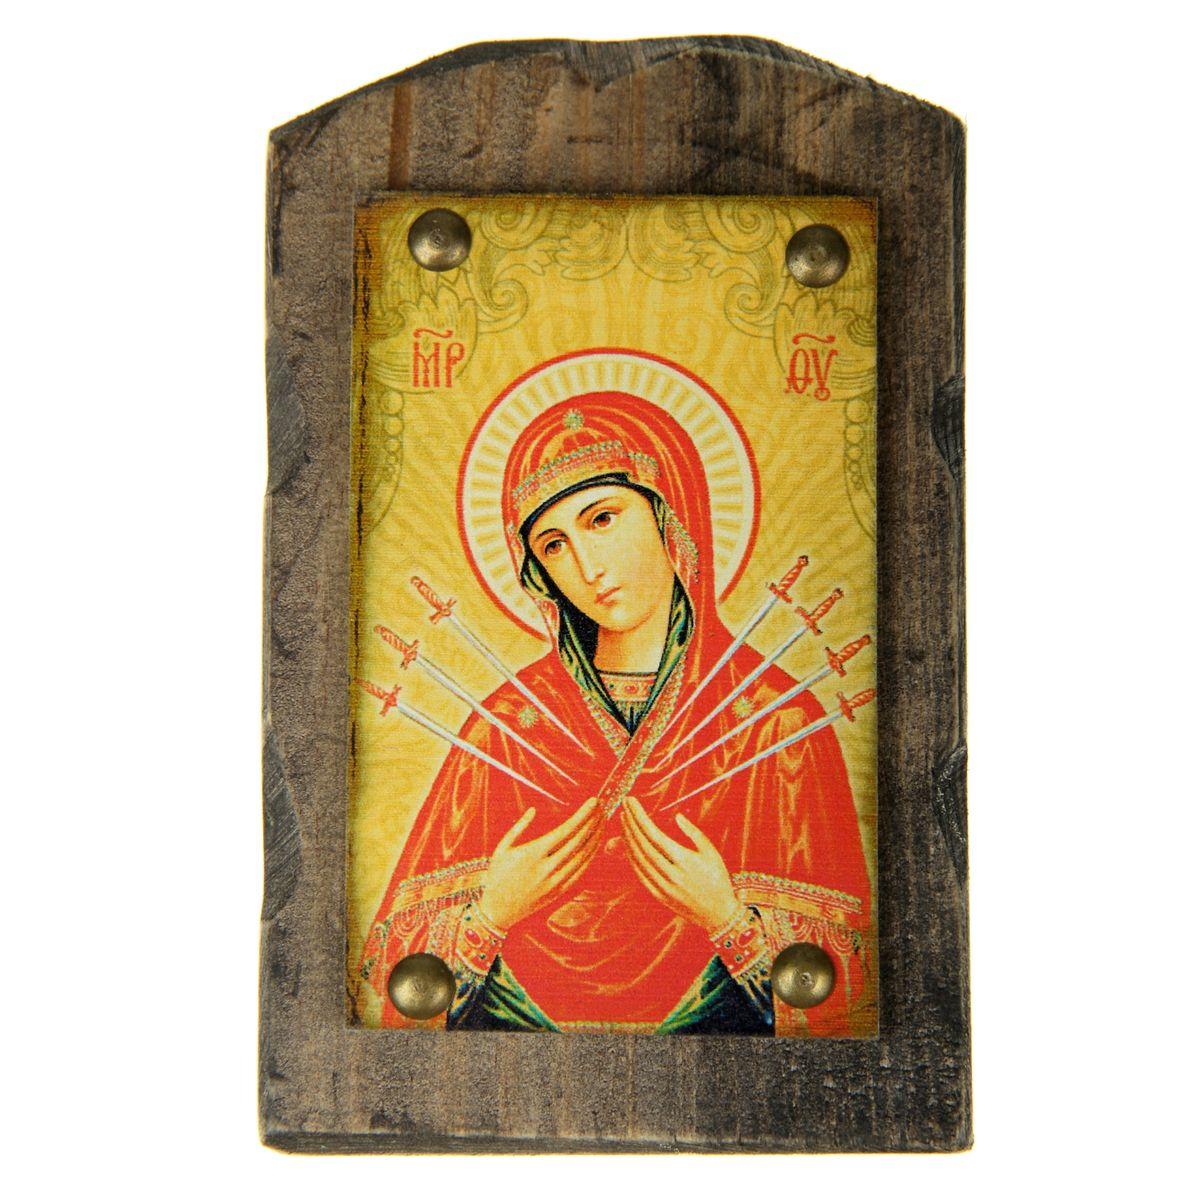 Икона на дереве Семистрельная икона Божией Матери, 9,5 х 15 см икона янтарная пресвятая богородица семистрельная